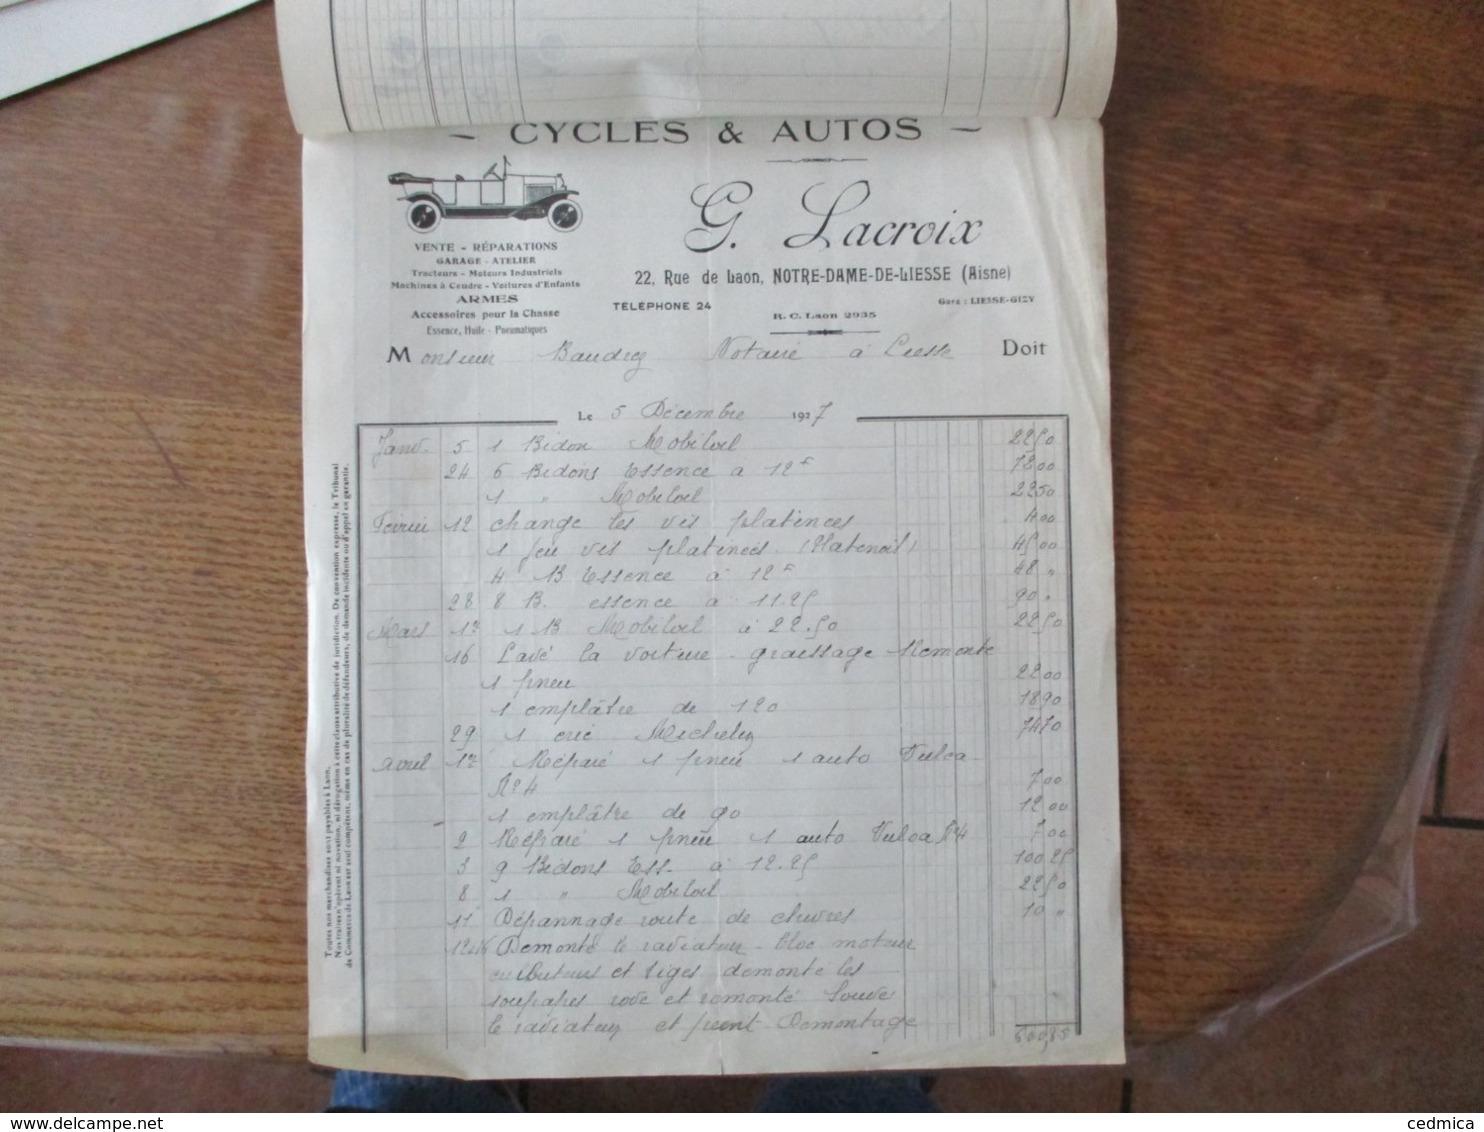 NOTRE-DAME-DE-LIESSE AISNE G. LACROIX CYCLES & AUTOS 22 RUE DE LAON FACTURE DU 5 DECEMBRE 1927 - France